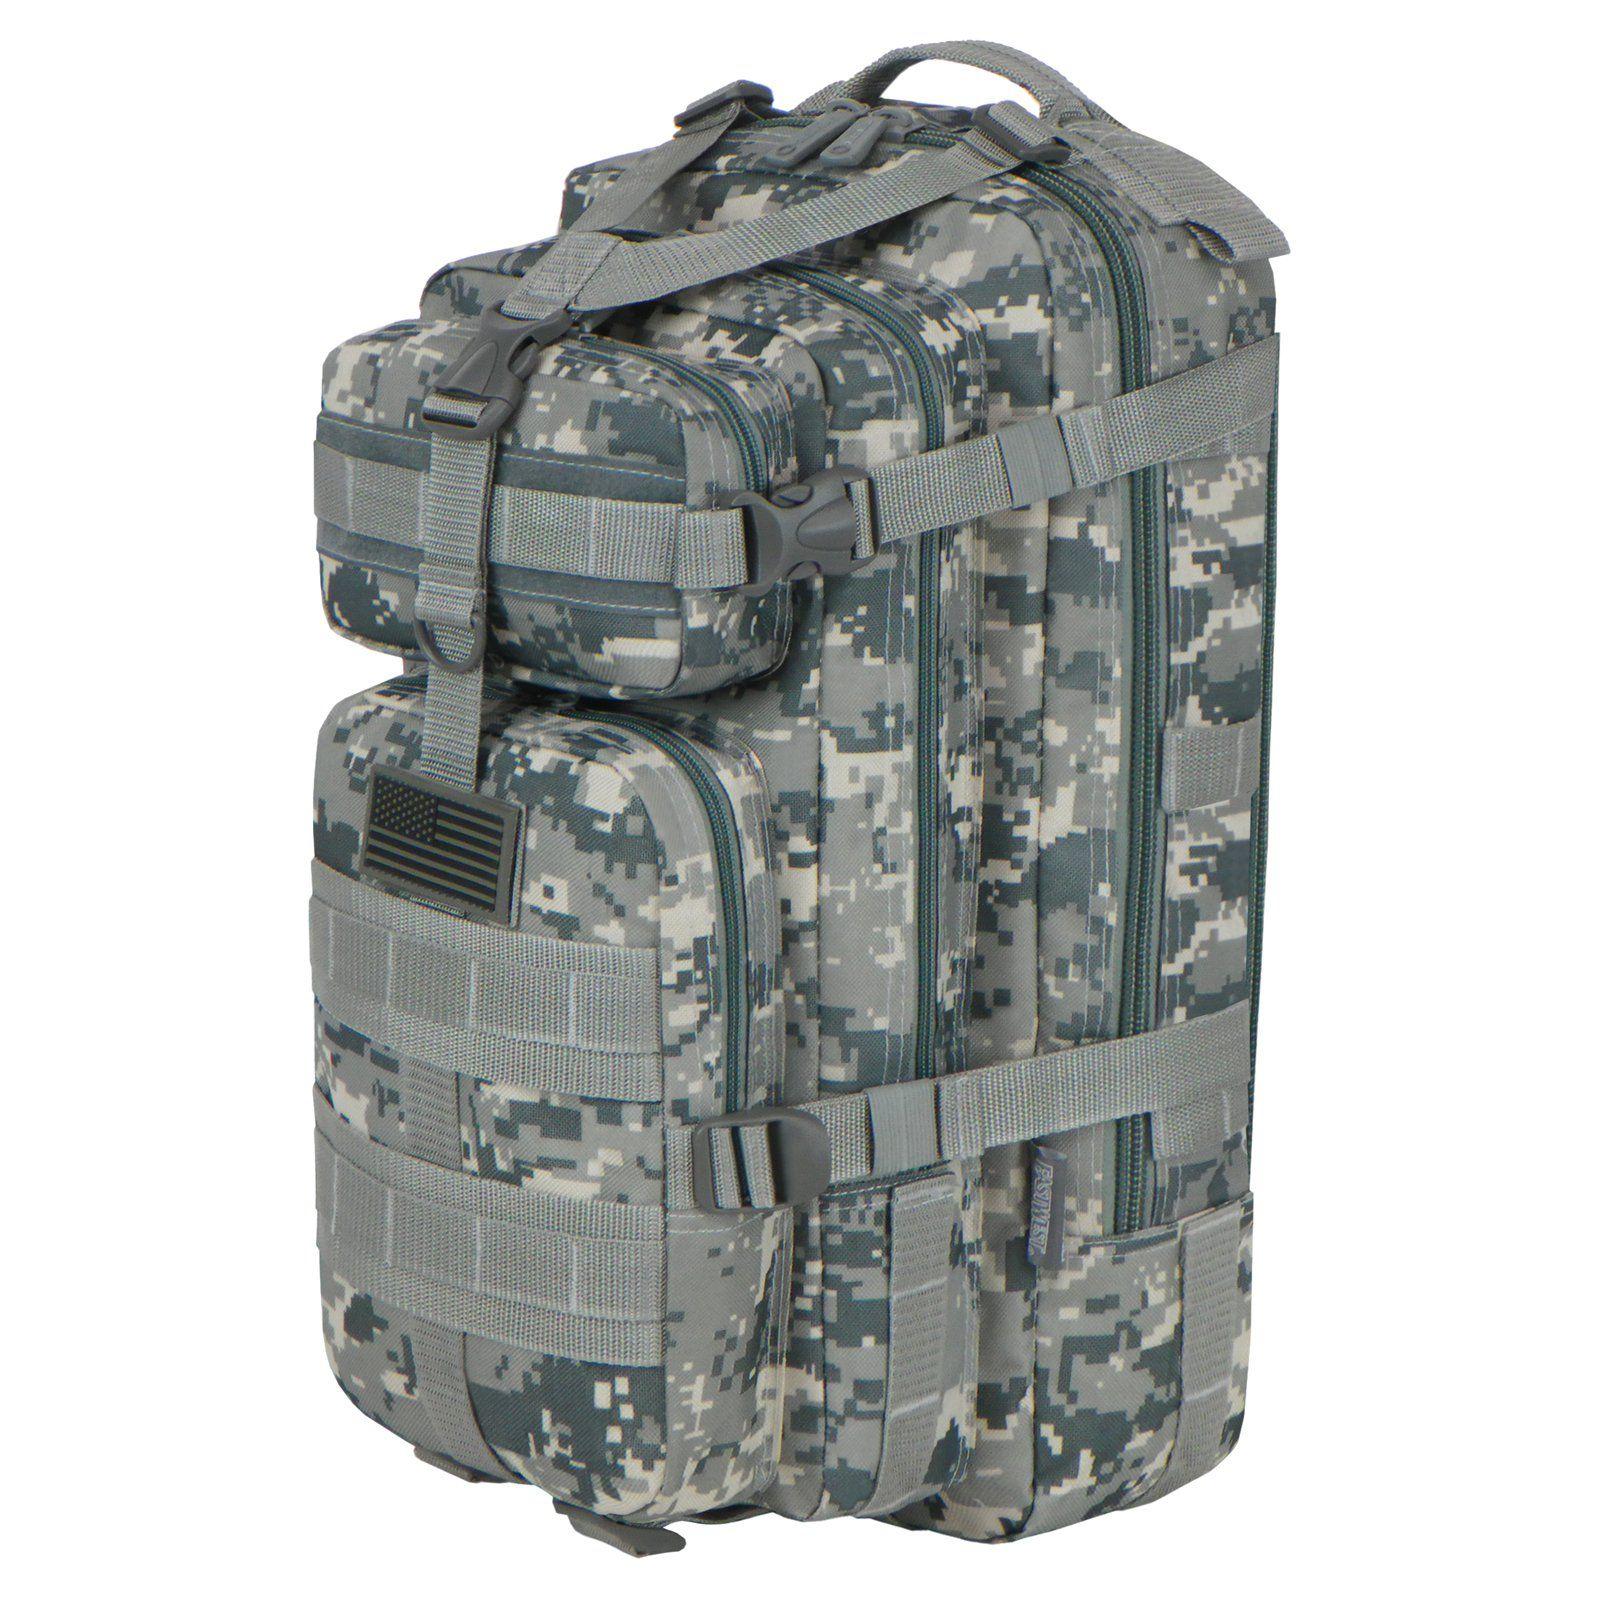 East West U.S.A. Tactical Molle Military ACU Rucksack Backpack - RTC502 - ACU